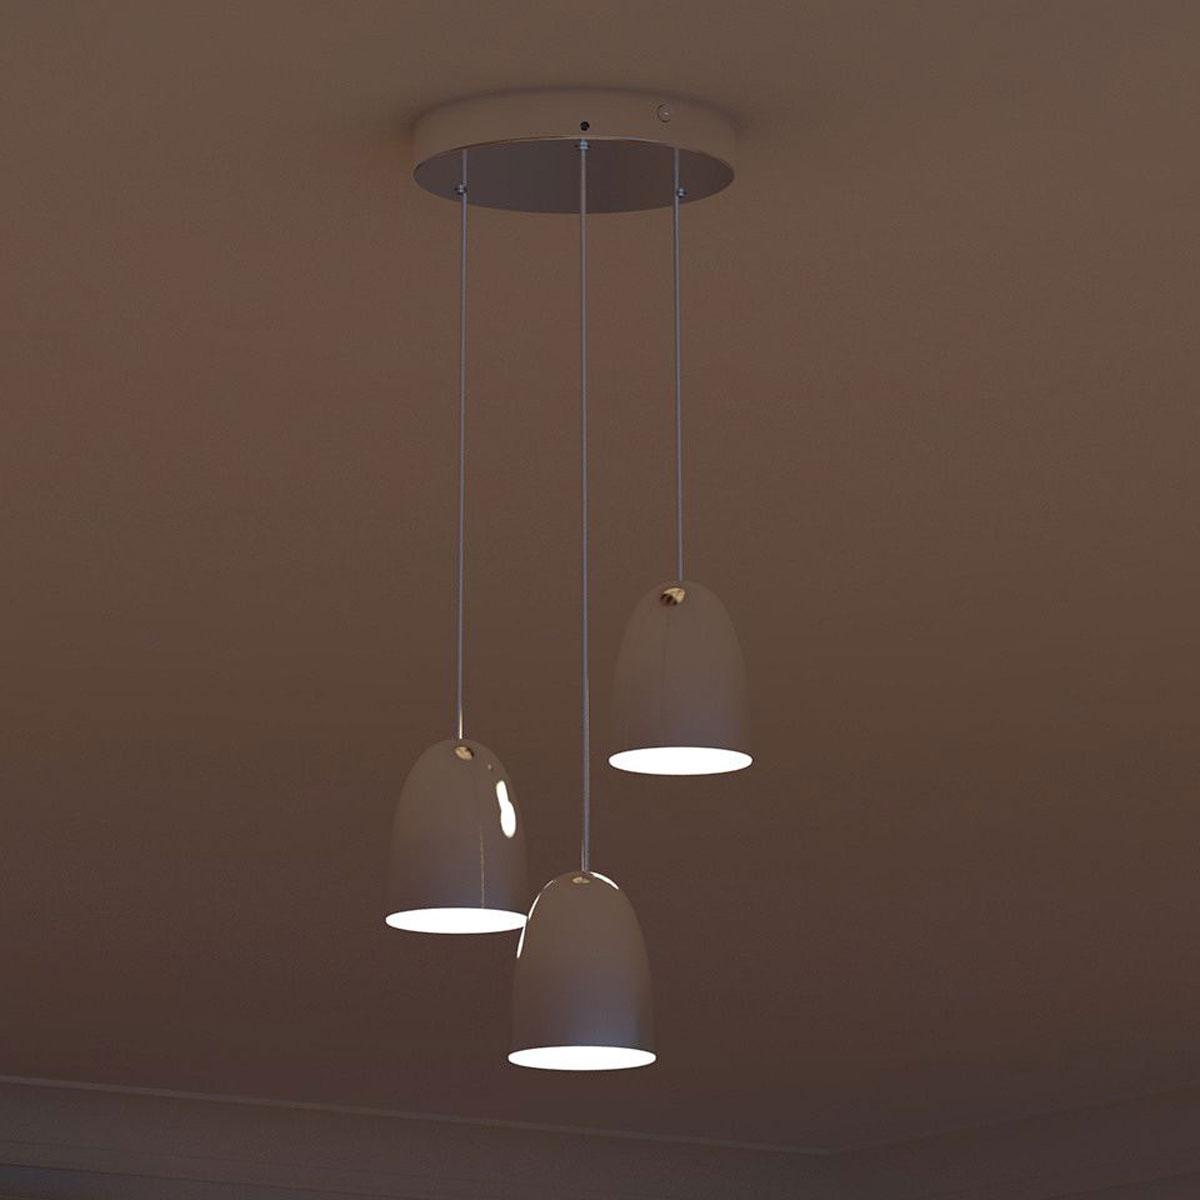 Philips myliving wolga hanglamp chroom 3 lampen for Lampen philips